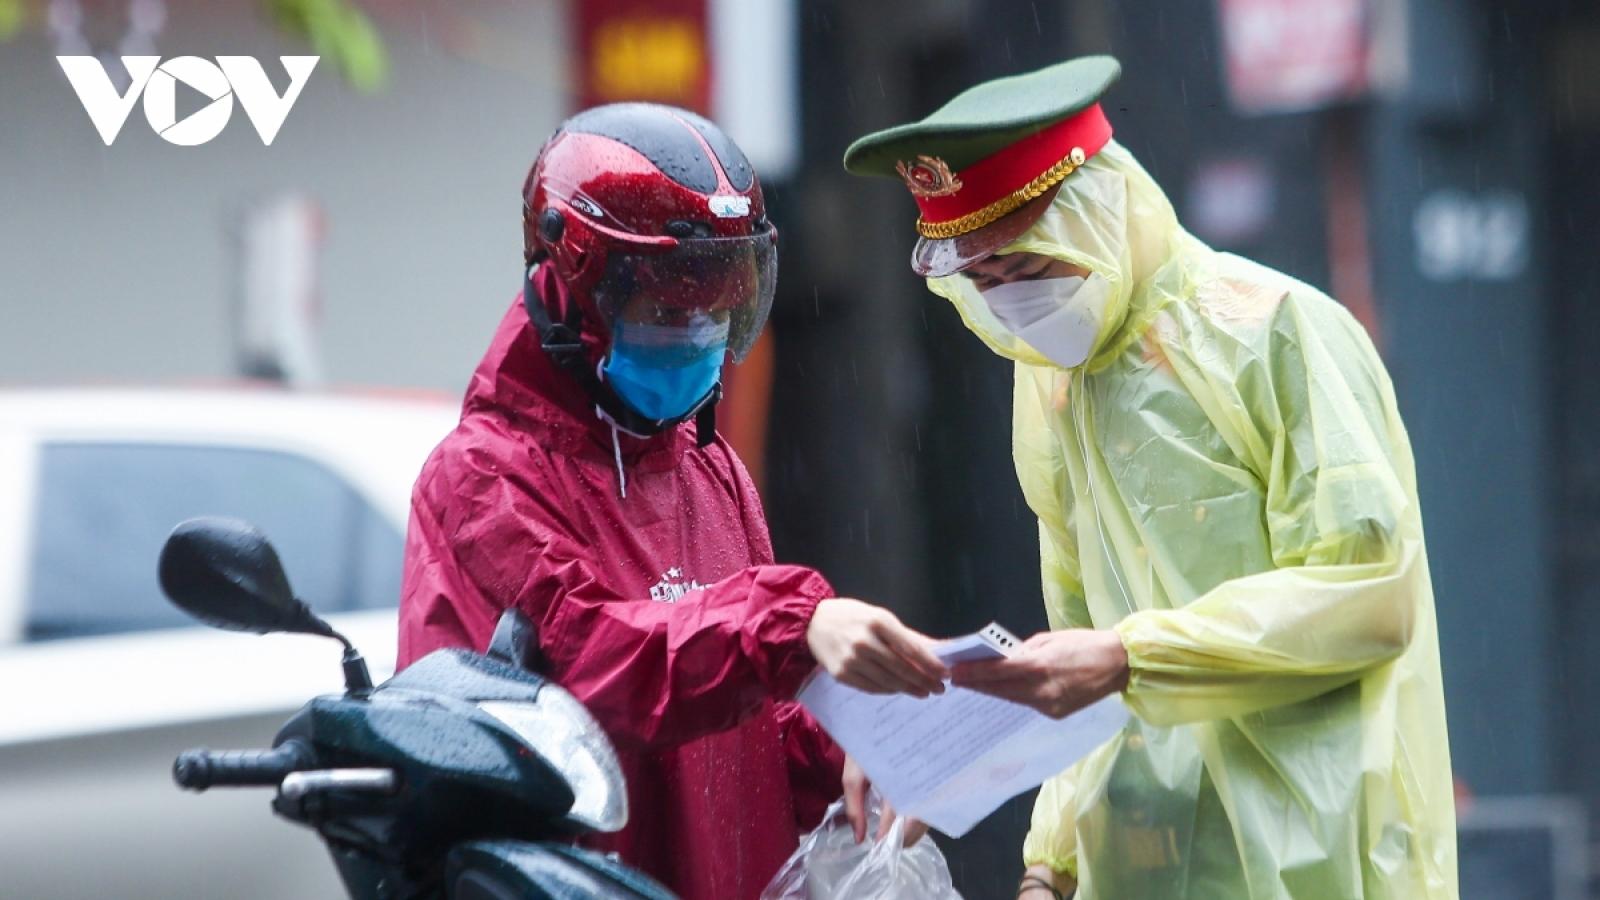 Chuyên gia y tế: Kiểm tra giấy tờ dù đeo găng tay vẫn có nguy cơ lây virus